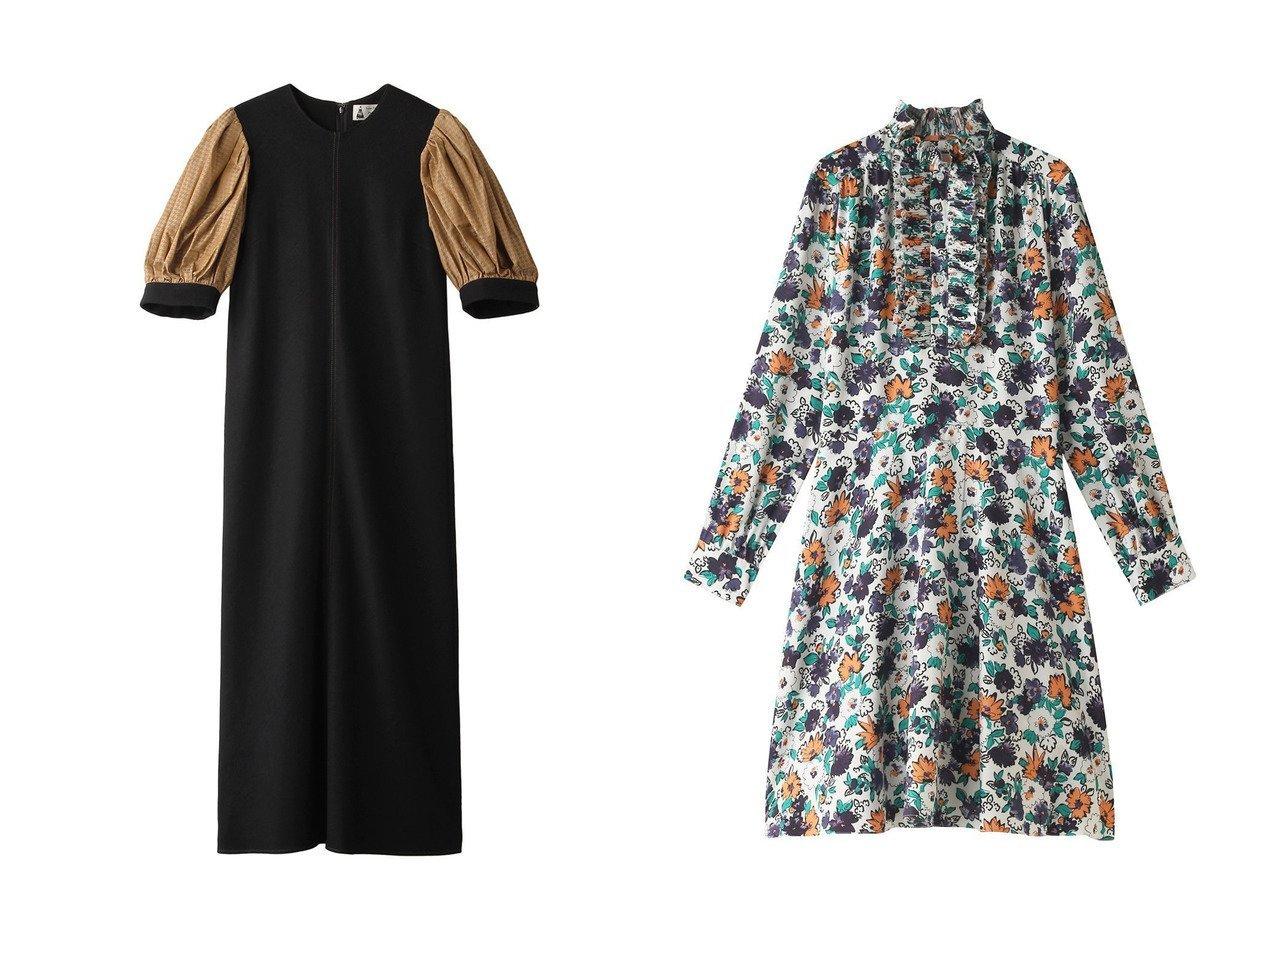 【Plan C/プラン C】のフラワープリントドレス&【leur logette/ルール ロジェット】のパフスリーブドレス 【ワンピース・ドレス】おすすめ!人気、トレンド・レディースファッションの通販 おすすめで人気の流行・トレンド、ファッションの通販商品 インテリア・家具・メンズファッション・キッズファッション・レディースファッション・服の通販 founy(ファニー) https://founy.com/ ファッション Fashion レディースファッション WOMEN ワンピース Dress ドレス Party Dresses チュニック Tunic 2020年 2020 2020-2021秋冬・A/W AW・Autumn/Winter・FW・Fall-Winter/2020-2021 2021年 2021 2021-2022秋冬・A/W AW・Autumn/Winter・FW・Fall-Winter・2021-2022 A/W・秋冬 AW・Autumn/Winter・FW・Fall-Winter シルク シンプル スリーブ チュニック ドレス バランス パーティ フラワー フリル プリント |ID:crp329100000062678